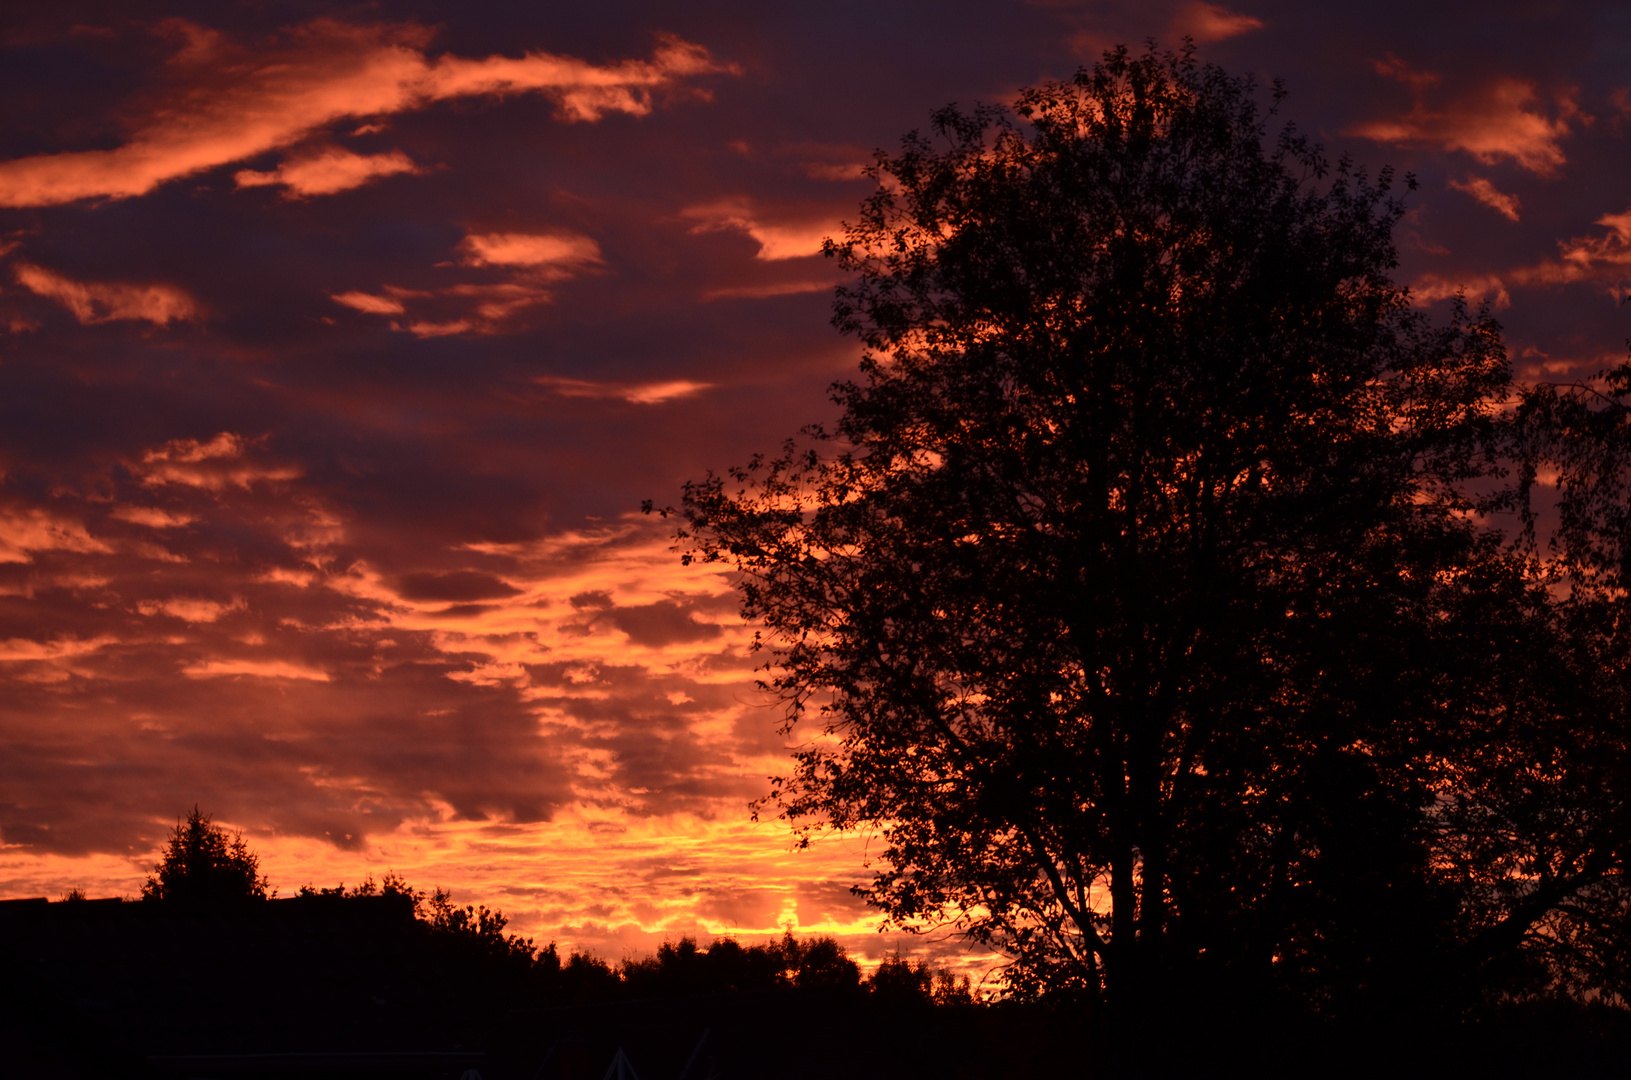 Sonnenaufgang in Lüneburg